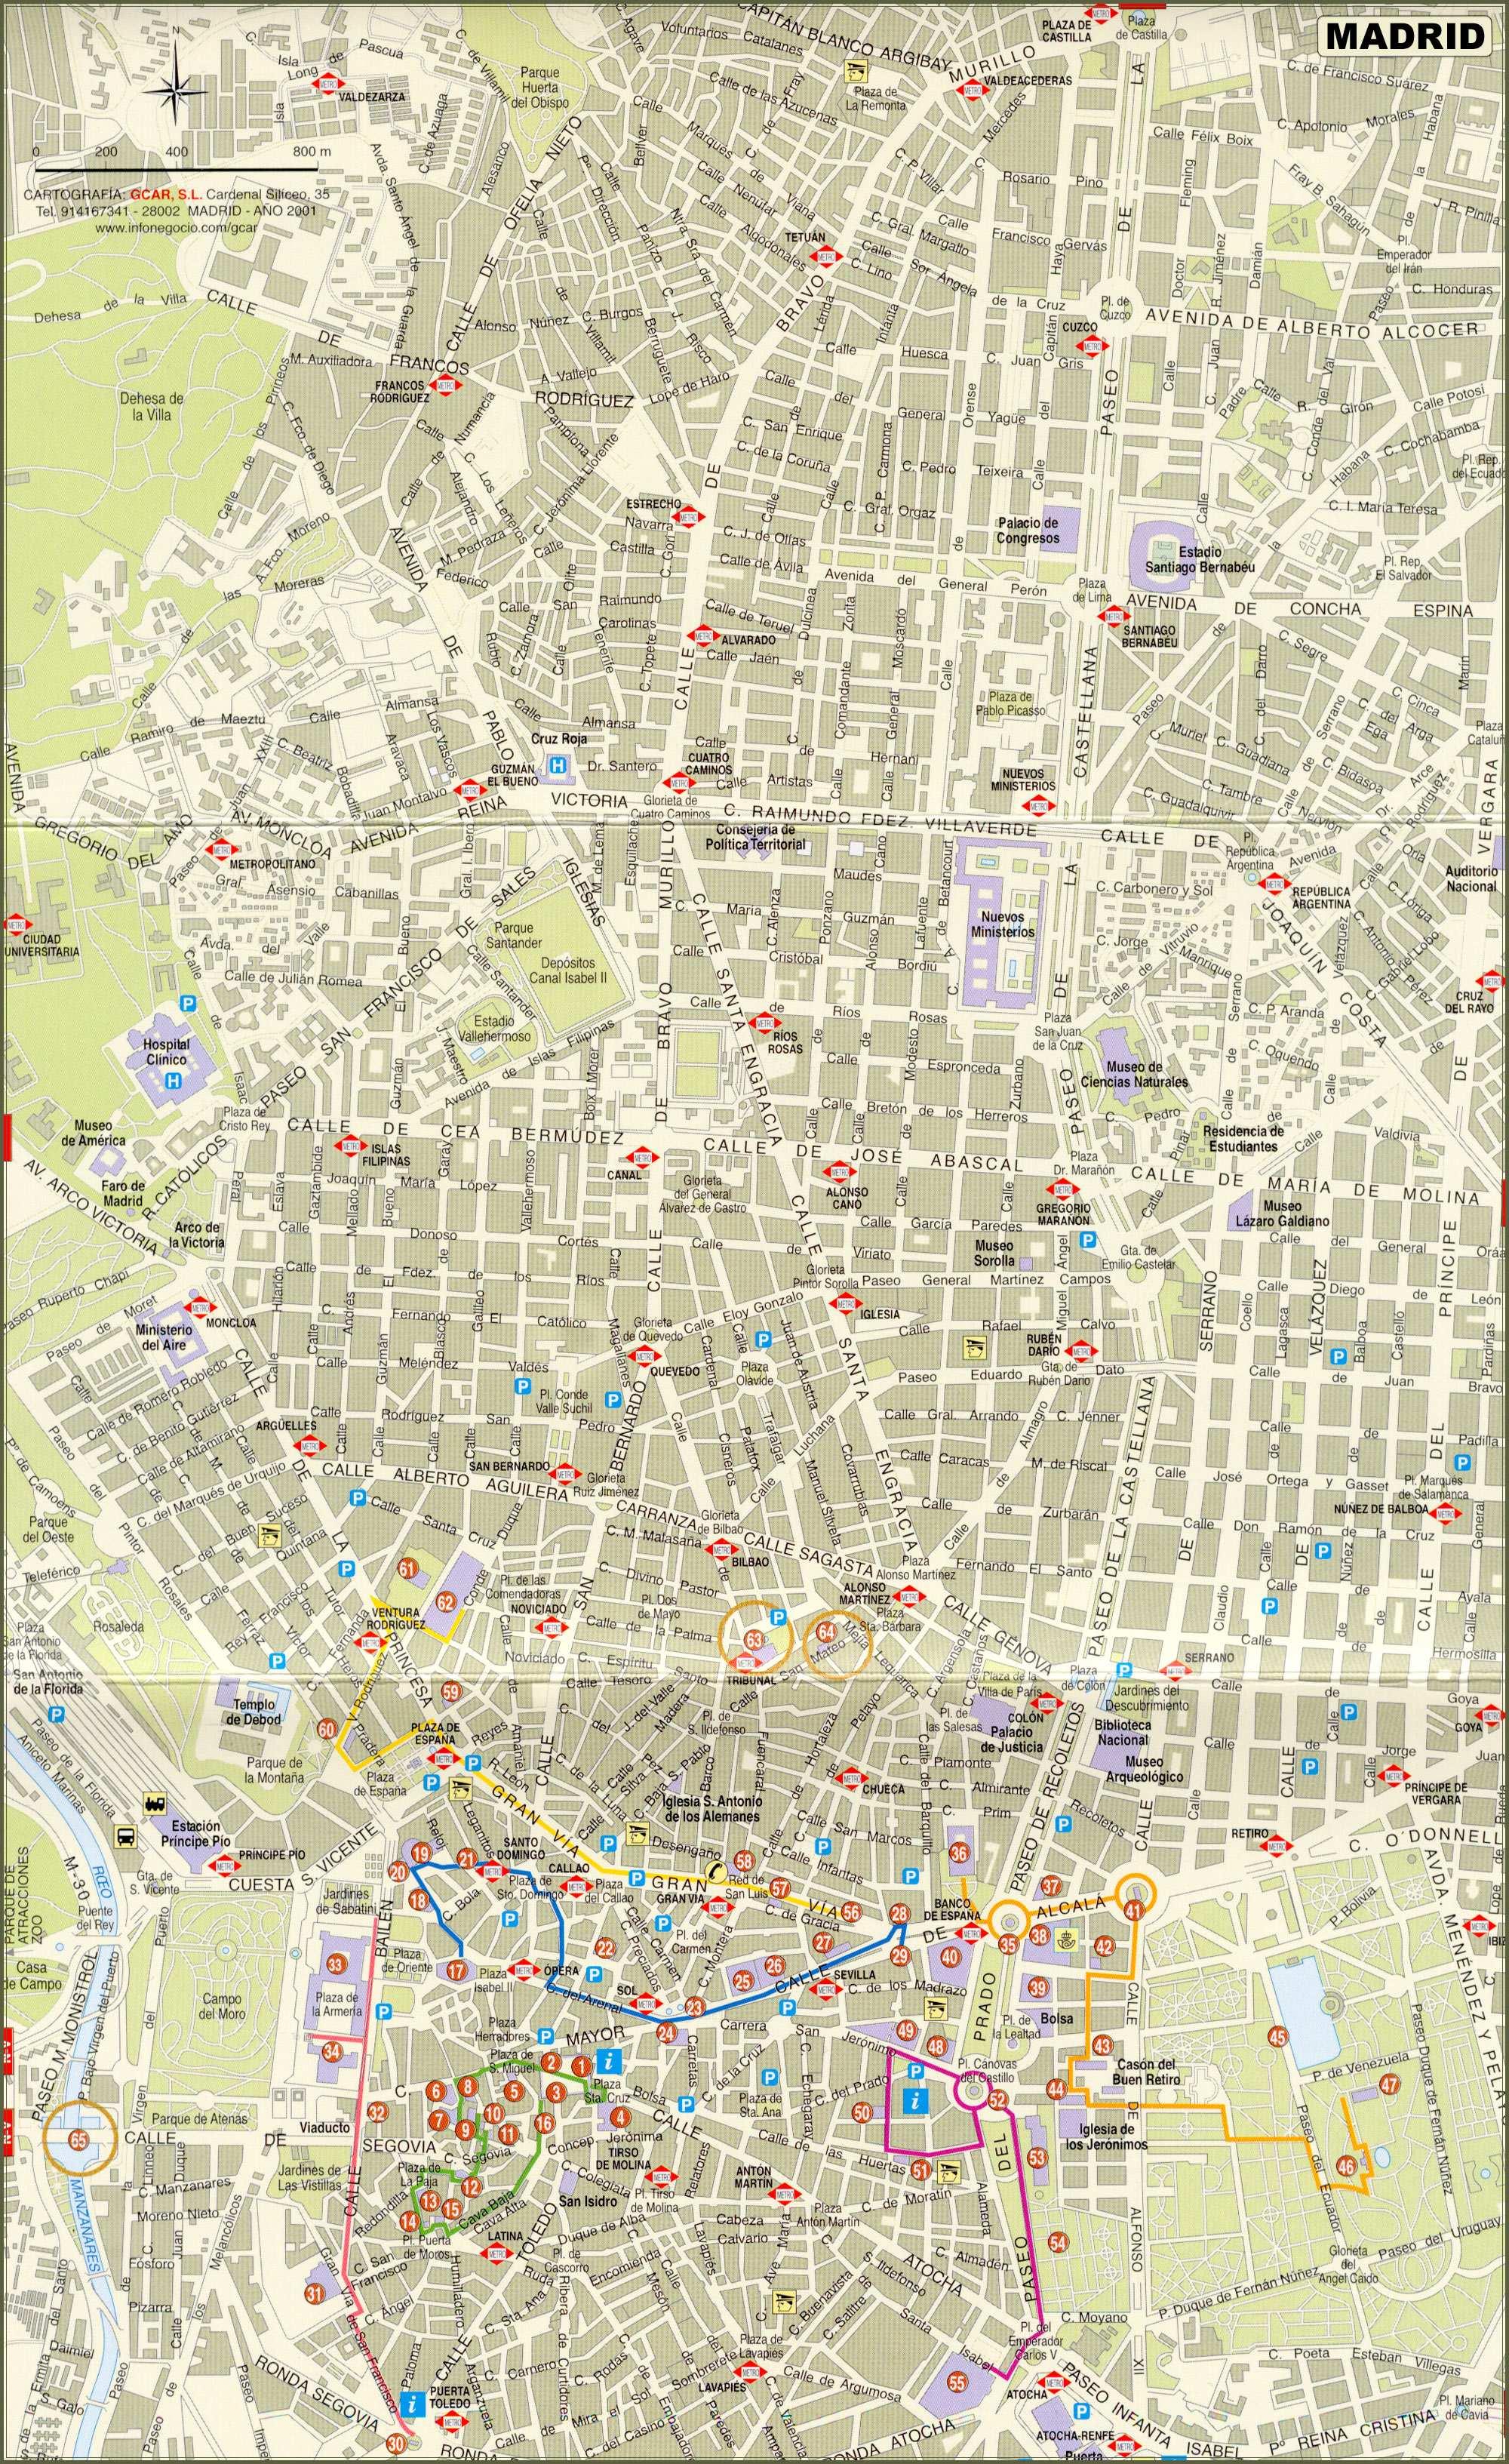 Cartes De Madrid Cartes Typographiques Detaillees De Madrid Espagne De Haute Qualite